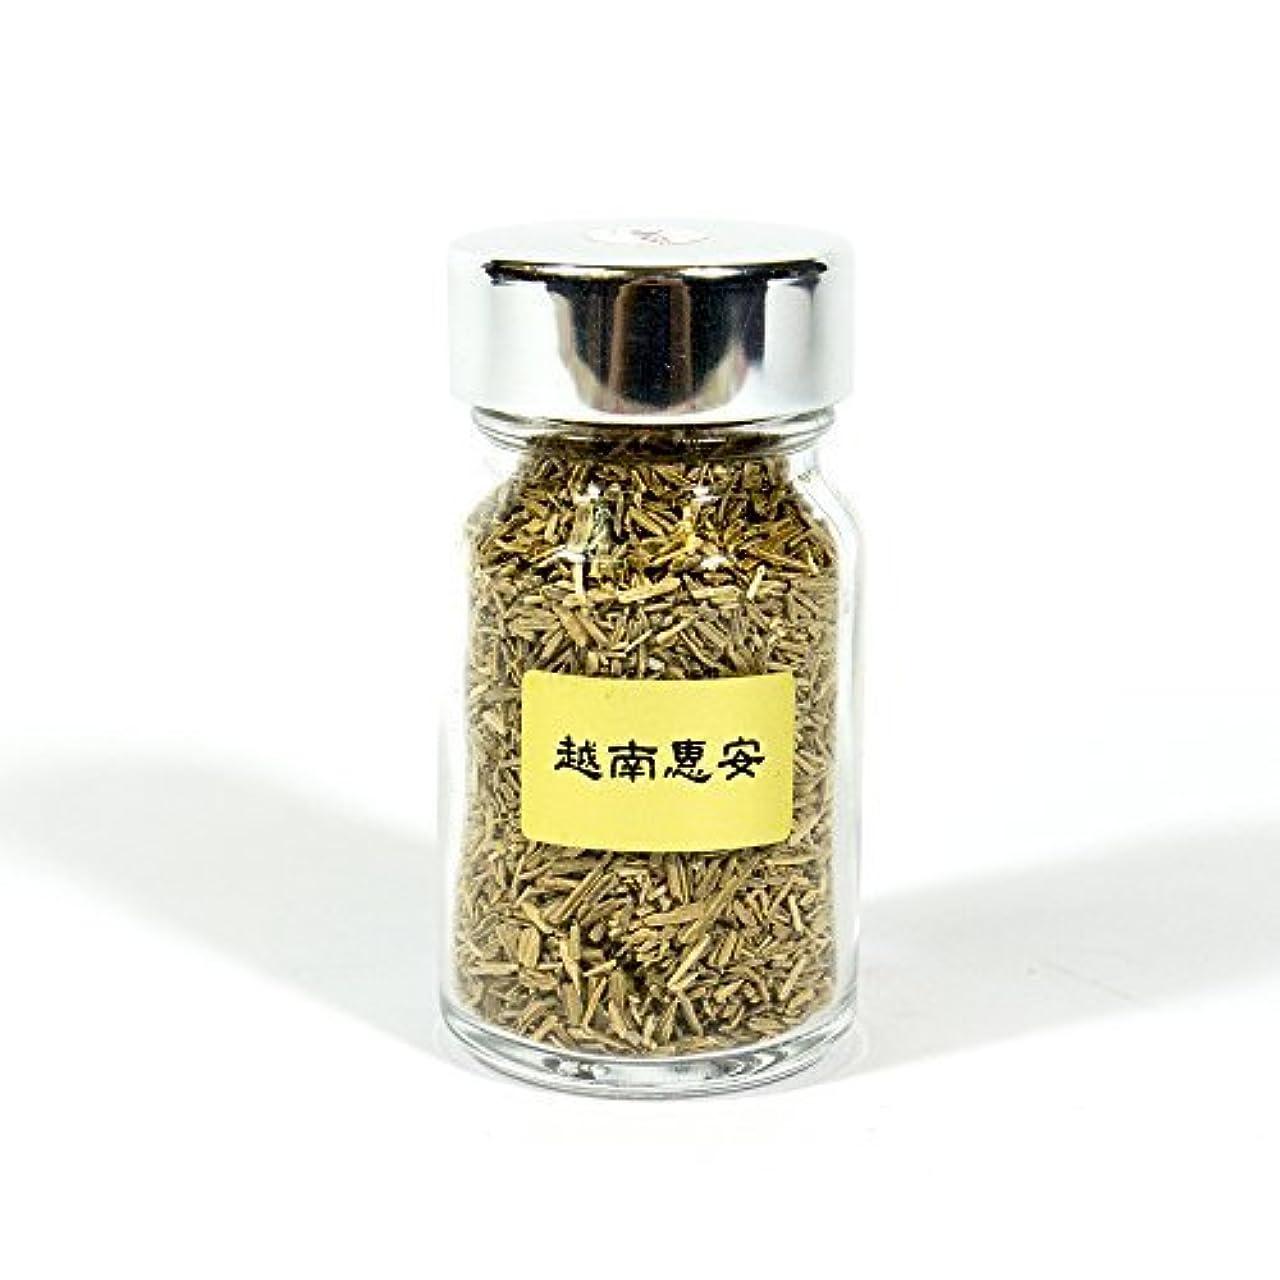 挑む離すスリチンモイAgarwood Aloeswood Oud Chip Scrap Vietnam Hoi-An 10g Cultivated Suitable for Electric Burner by IncenseHouse - Raw Material [並行輸入品]